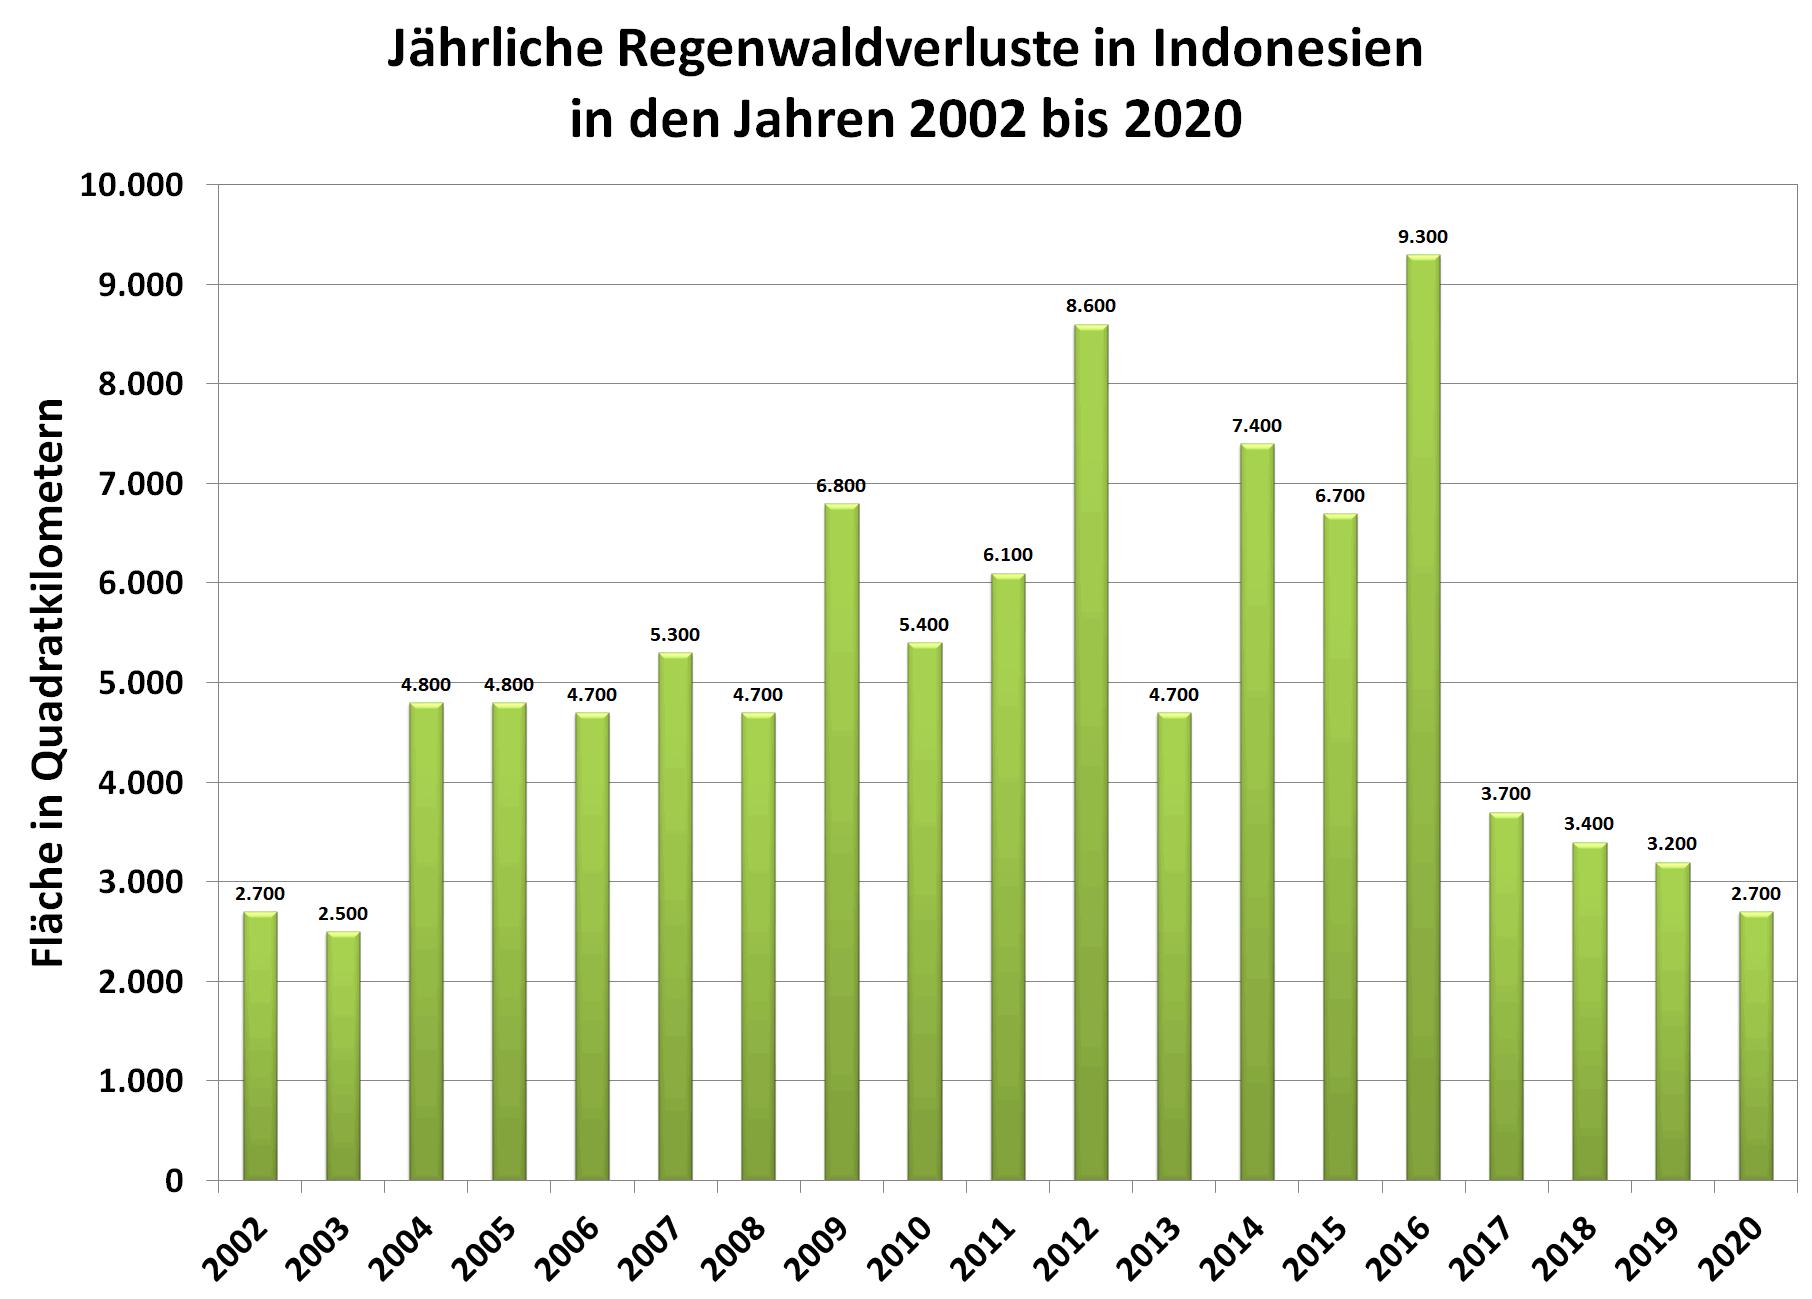 Grafik: jährliche Regenwaldverluste in Indonesien in den Jahren 2002 bis 2020